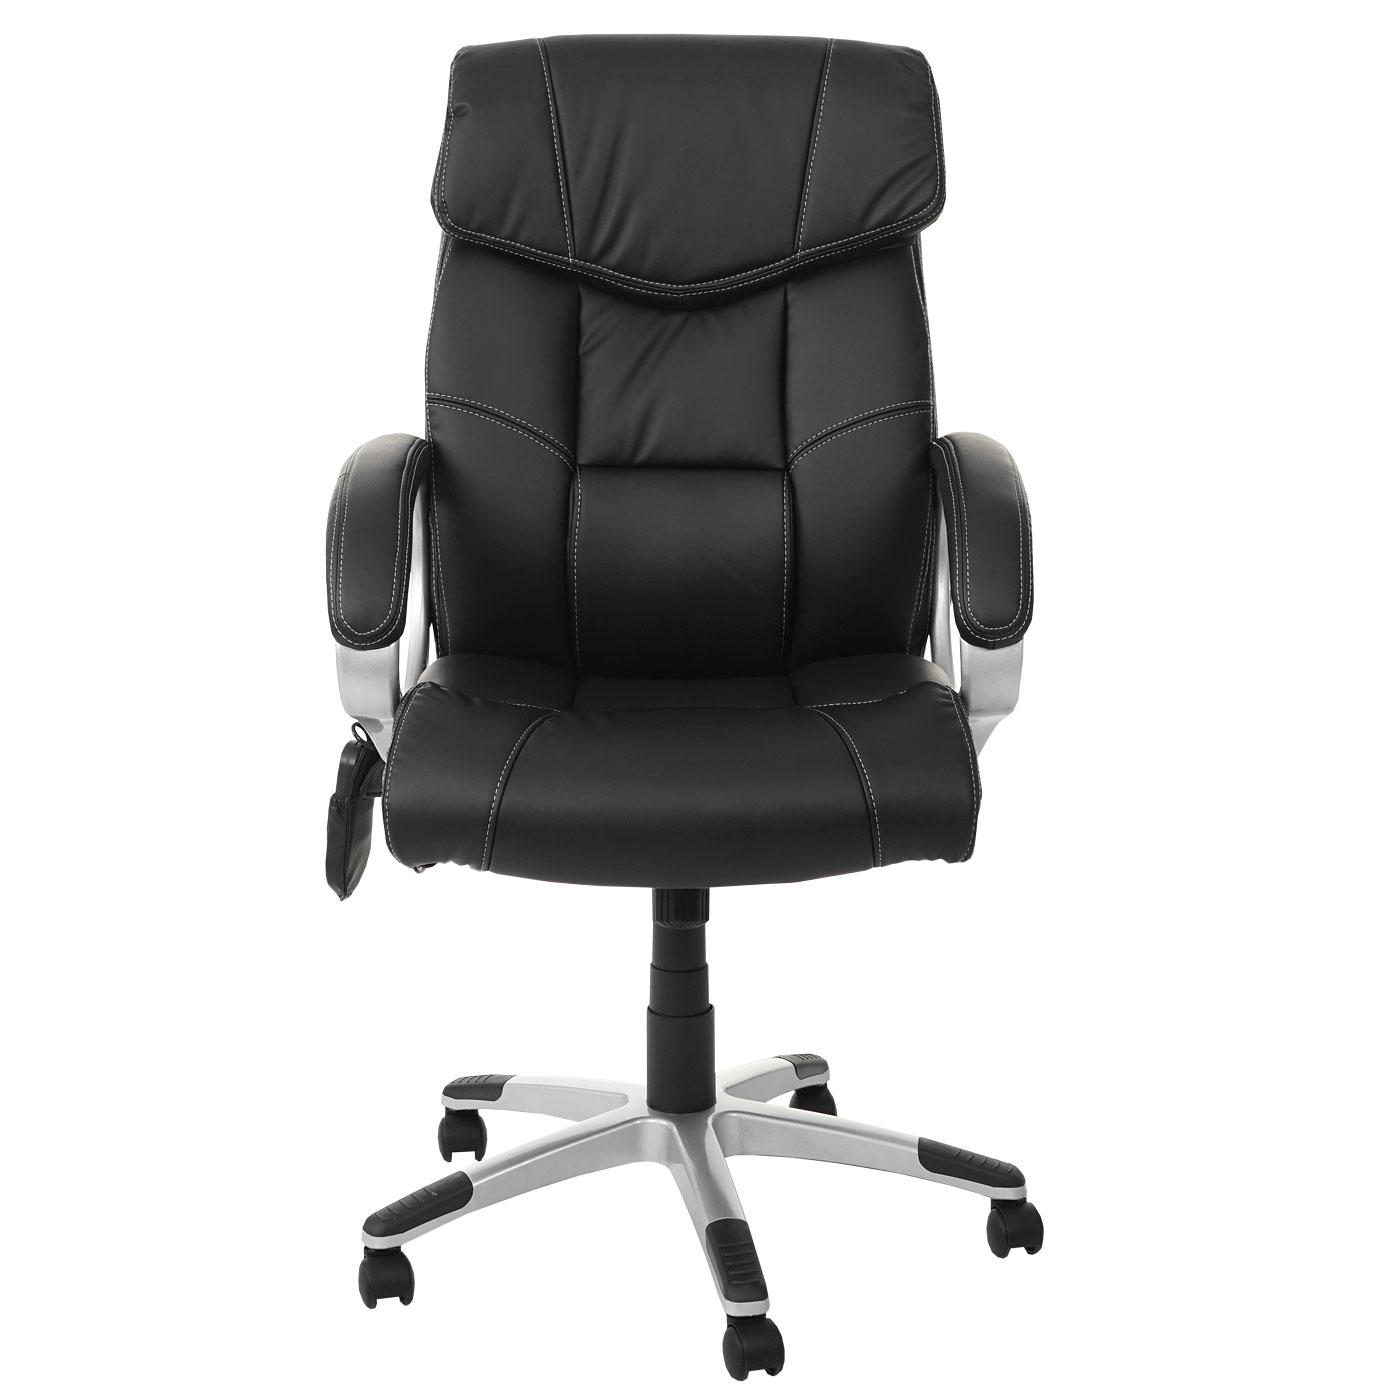 massage b rostuhl hwc a71 drehstuhl chefsessel heizfunktion massagefunktion kunstleder schwarz. Black Bedroom Furniture Sets. Home Design Ideas